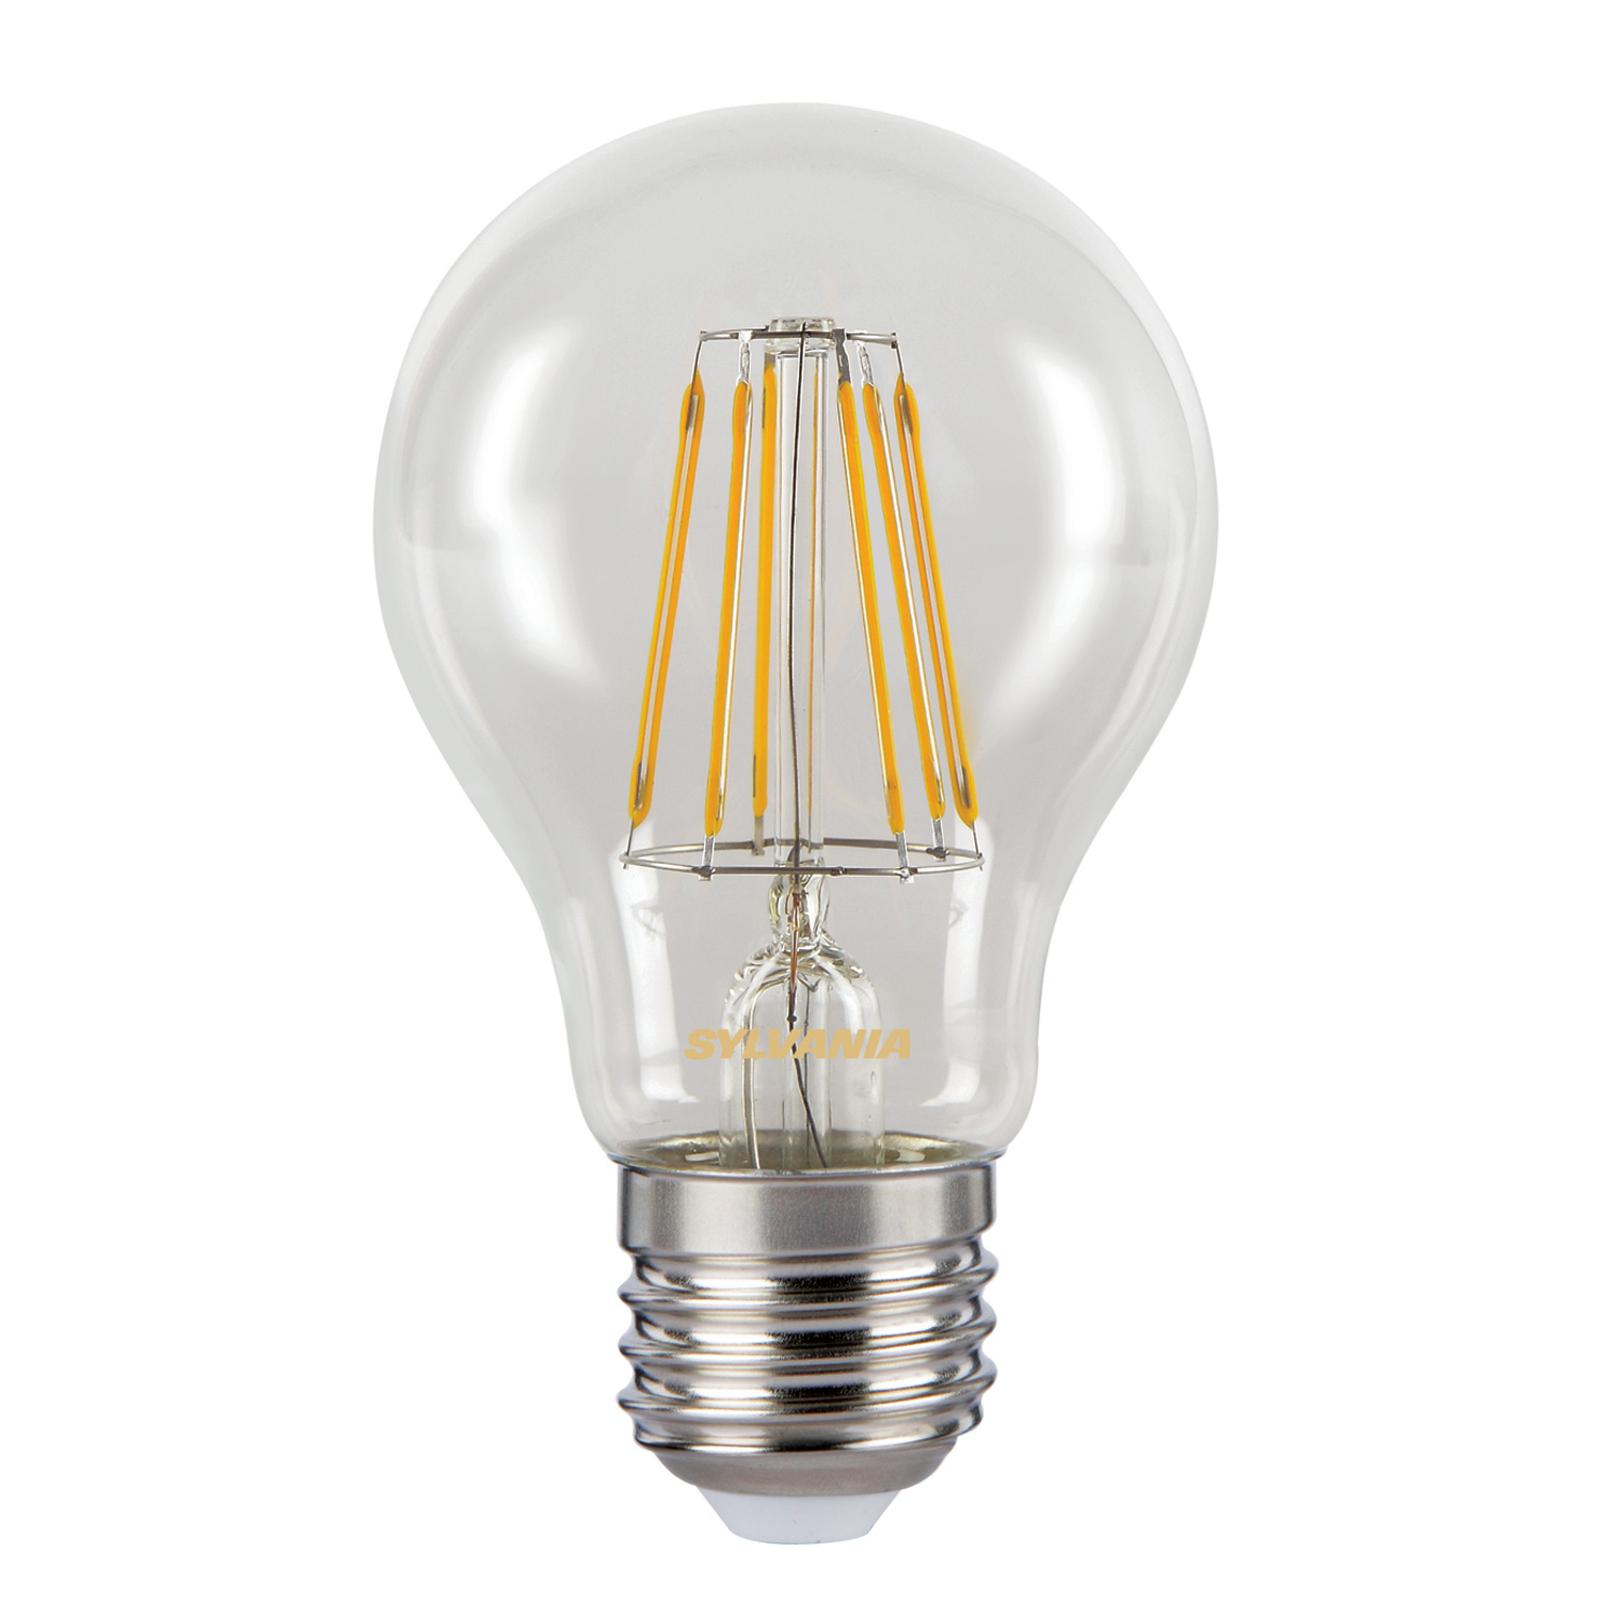 LED-Lampe E27 ToLEDo RT A60 7W klar 4.000K